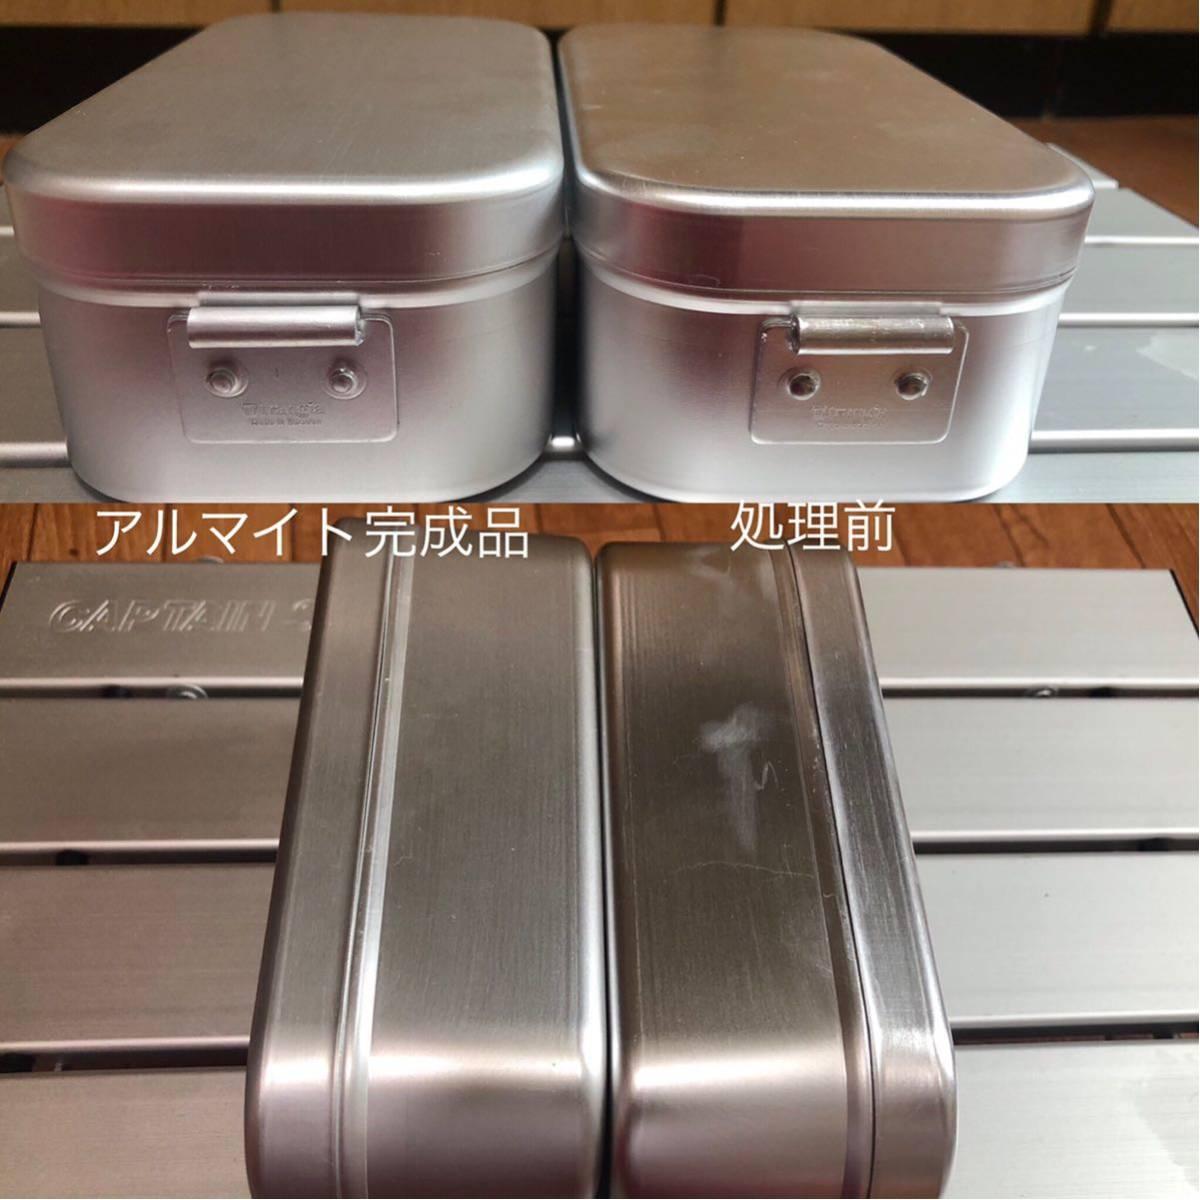 トランギア スモールメスティン アルマイト加工品 赤/黒ハンドル_画像3